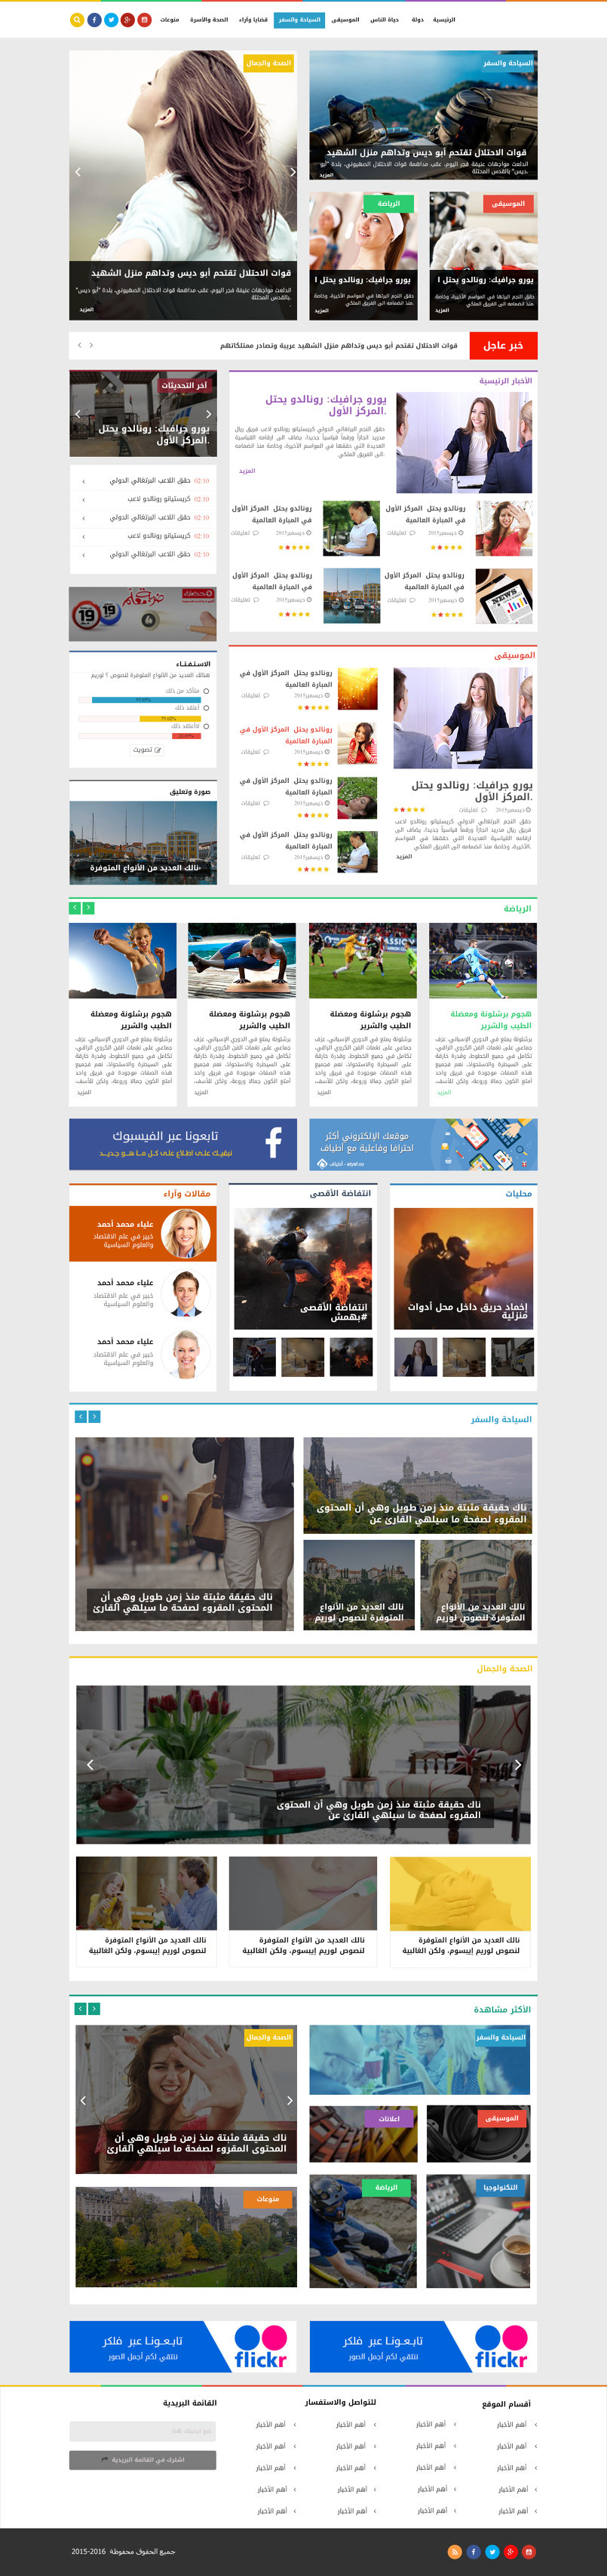 تصميم لموقع اخباري افتراضي باللغة العربية